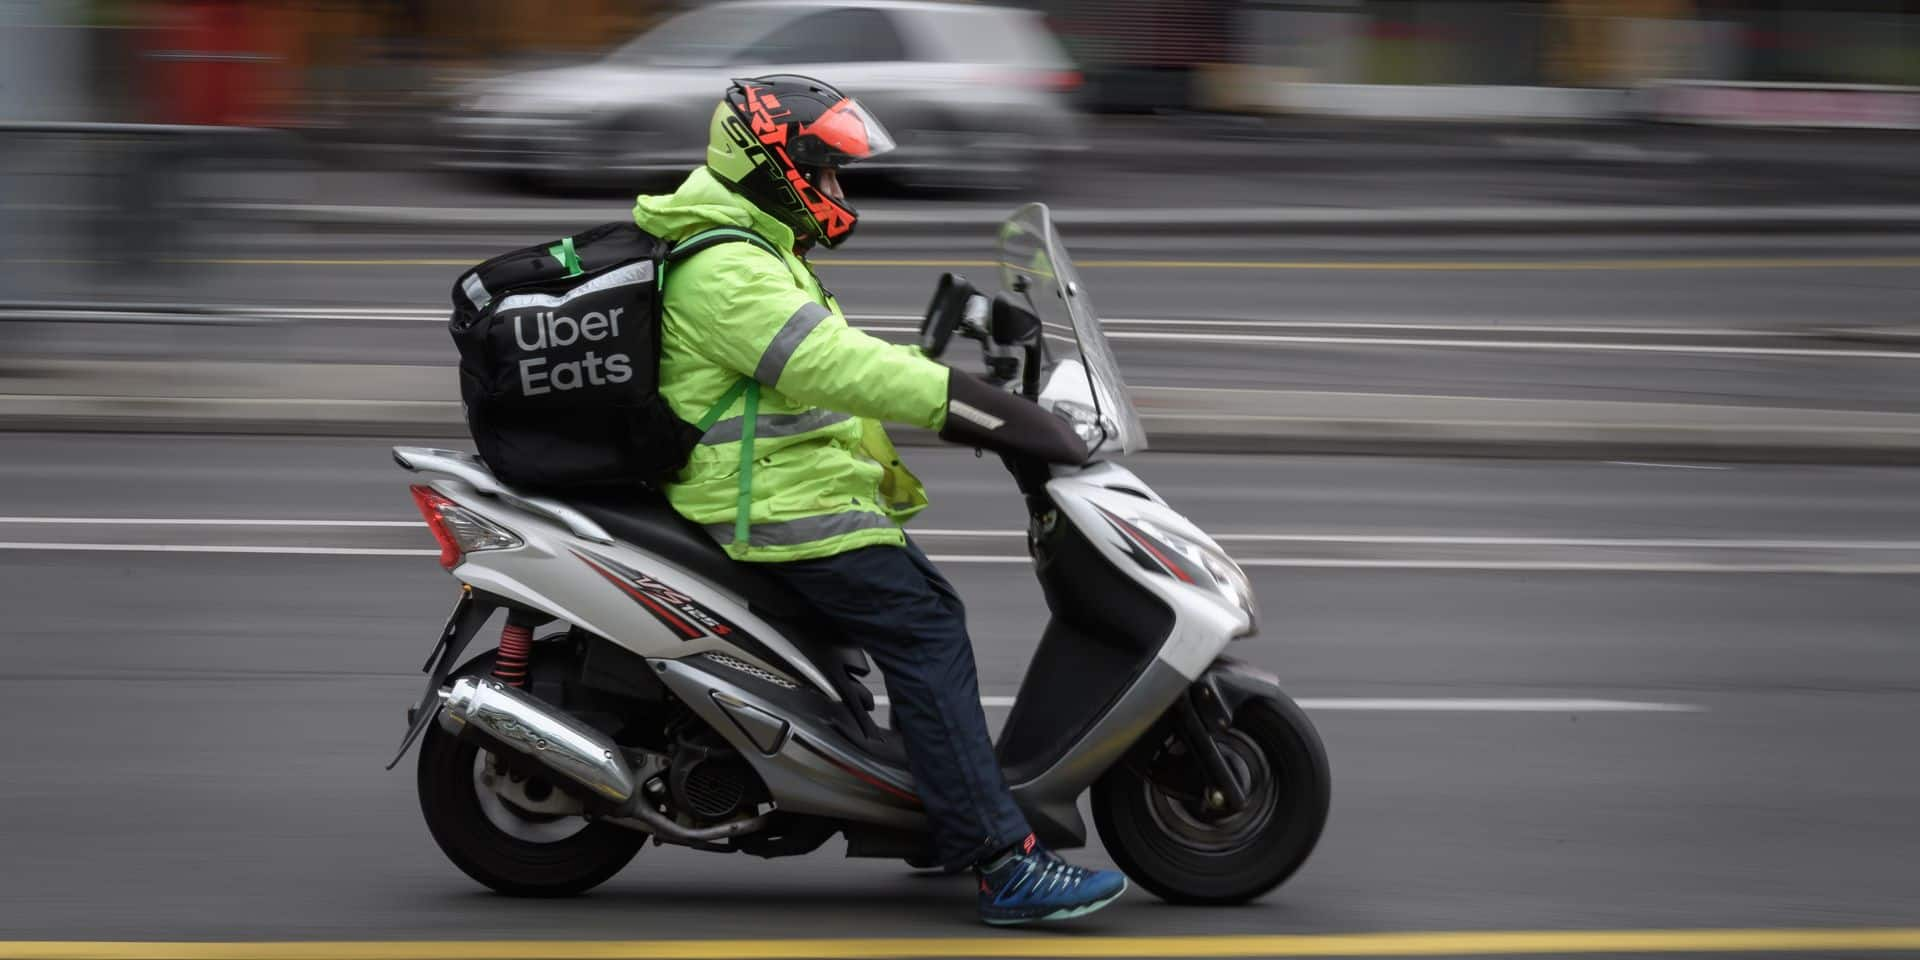 Reconnaissance faciale, contrôles sur le terrain, veille: comment Uber Eats et Deliveroo luttent contre la fraude au compte